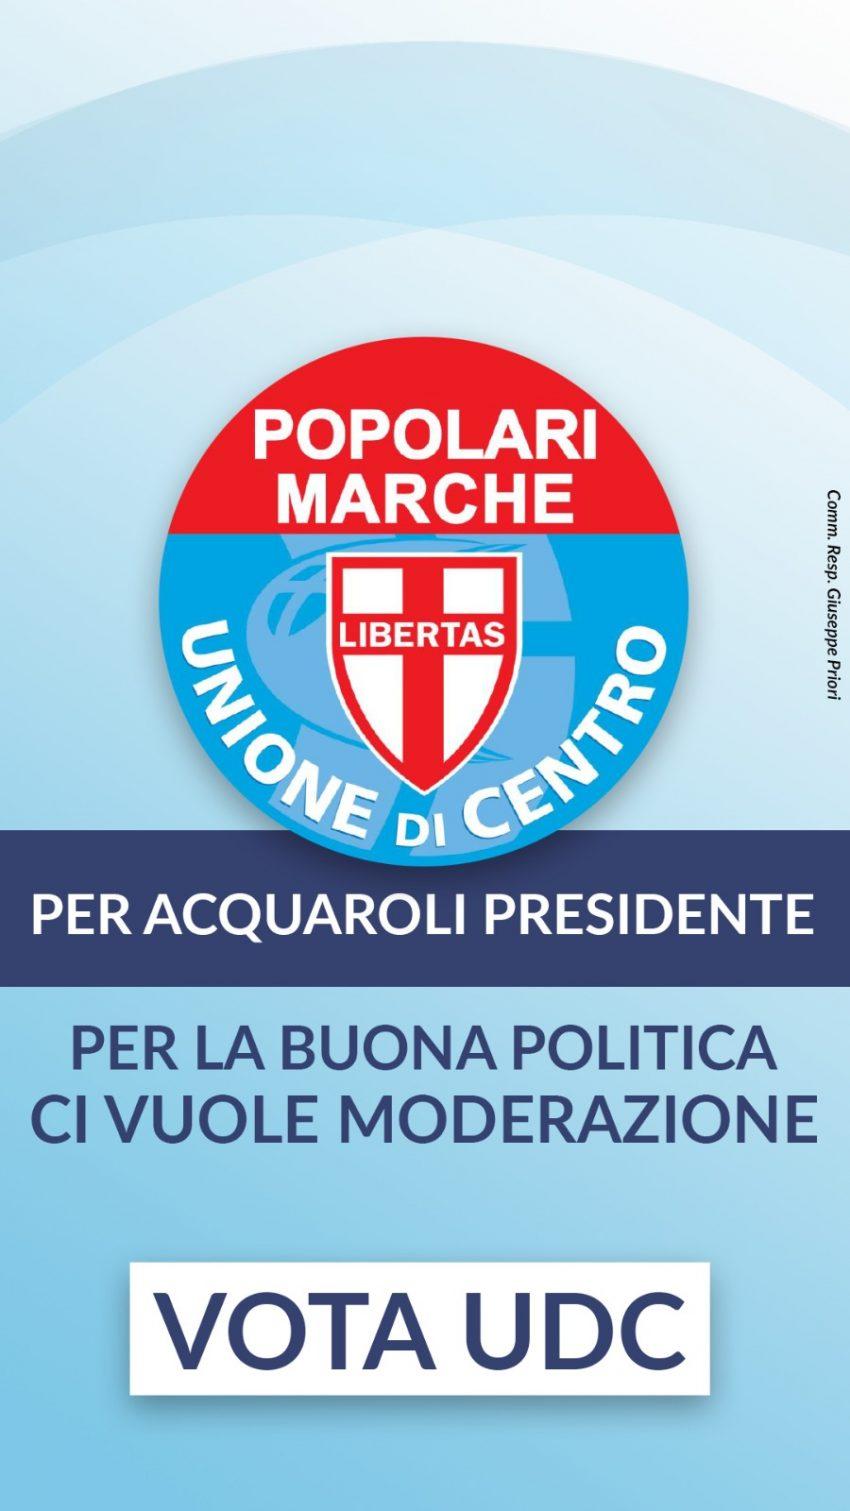 vota UDC alle prossime elezioni Regionali e scrivi Delvecchio